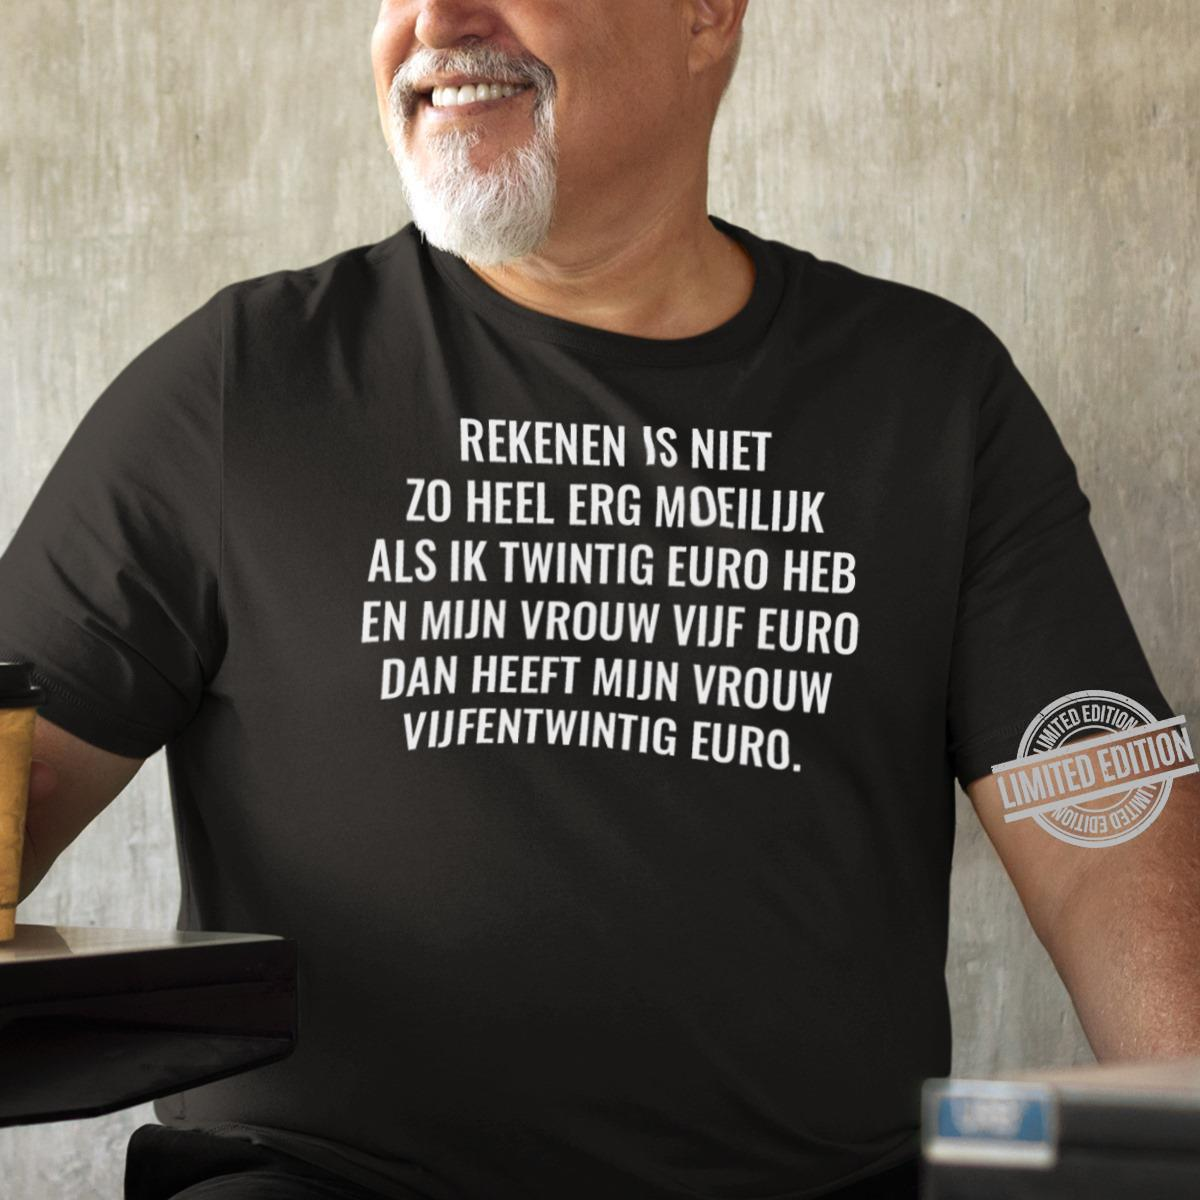 Rekenen Is Niet Zo Heel Erg Moeilijk Als Ik Twintig Euro Heb En Mijn Vrouw Vijf Euro Dan Heeft Mijn Vrouw Vijfentwintig Euro Shirt